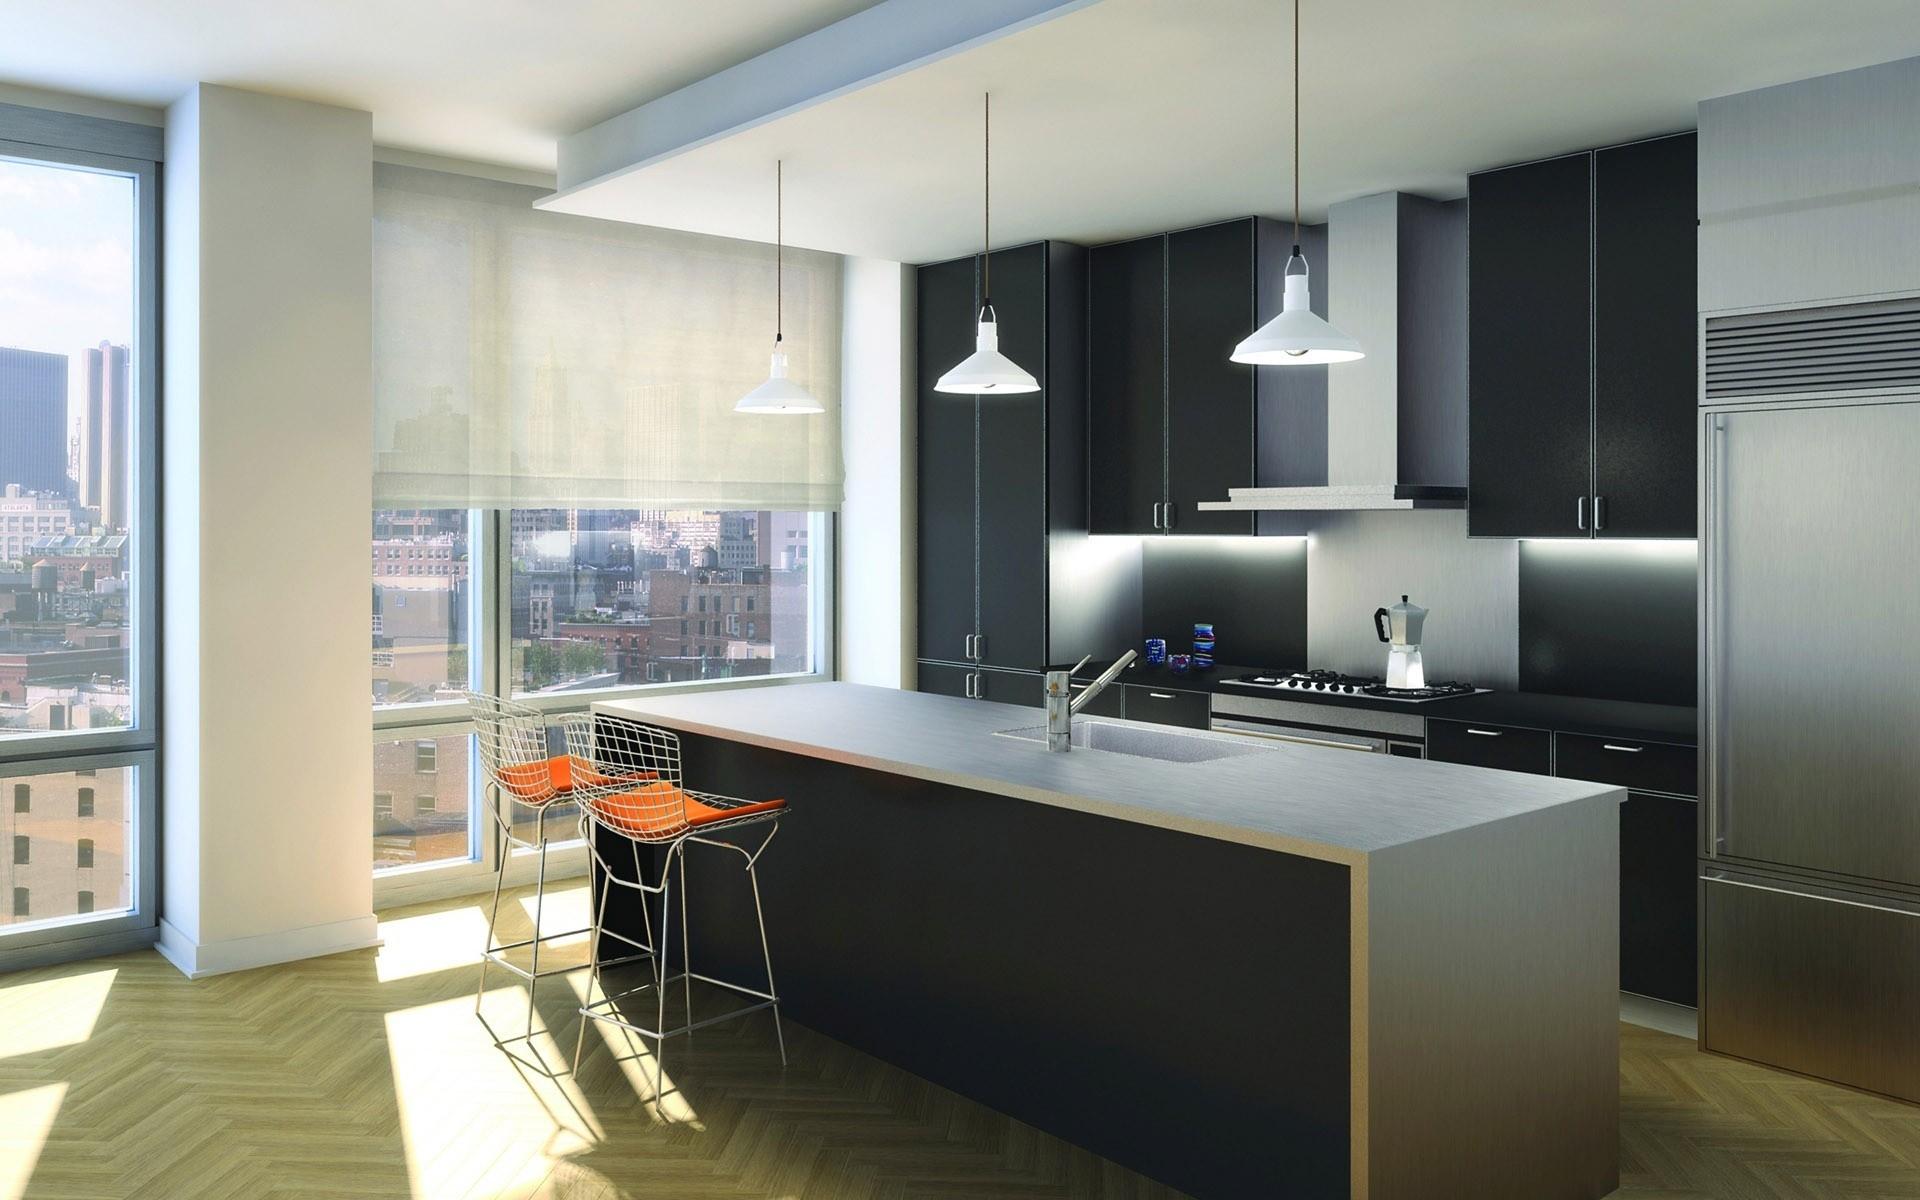 69919f49e429 izba kuchyňa interiérový dizajn hodnosť dizajn podlaha Domov strop byt  kondomínium nábytok podkrovie žalúzie okna vlastnosť